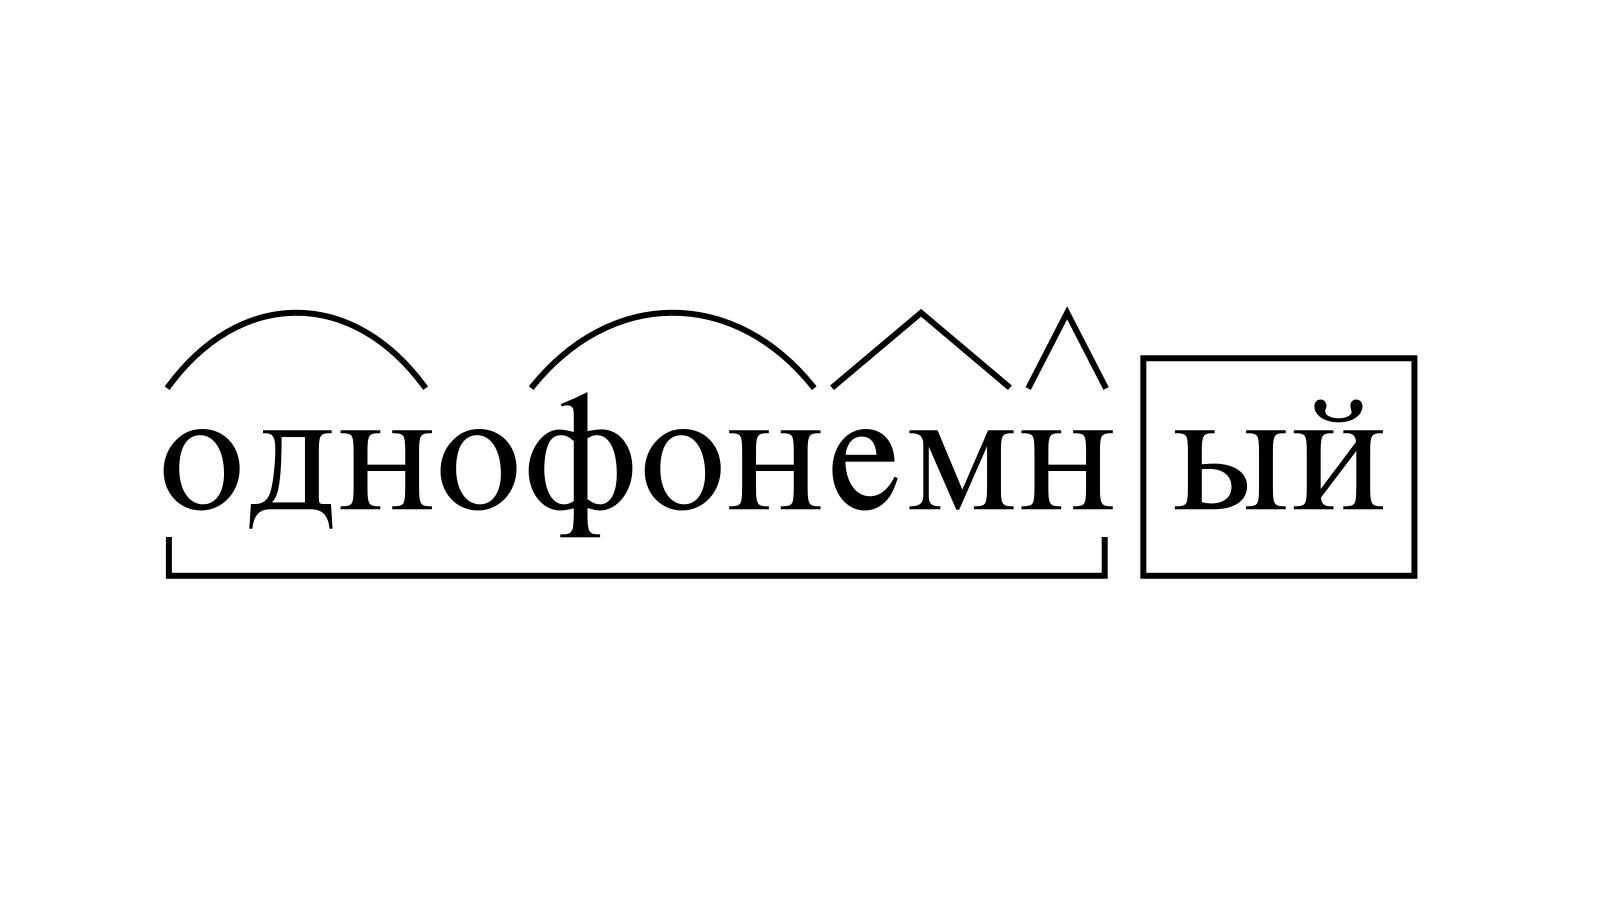 Разбор слова «однофонемный» по составу